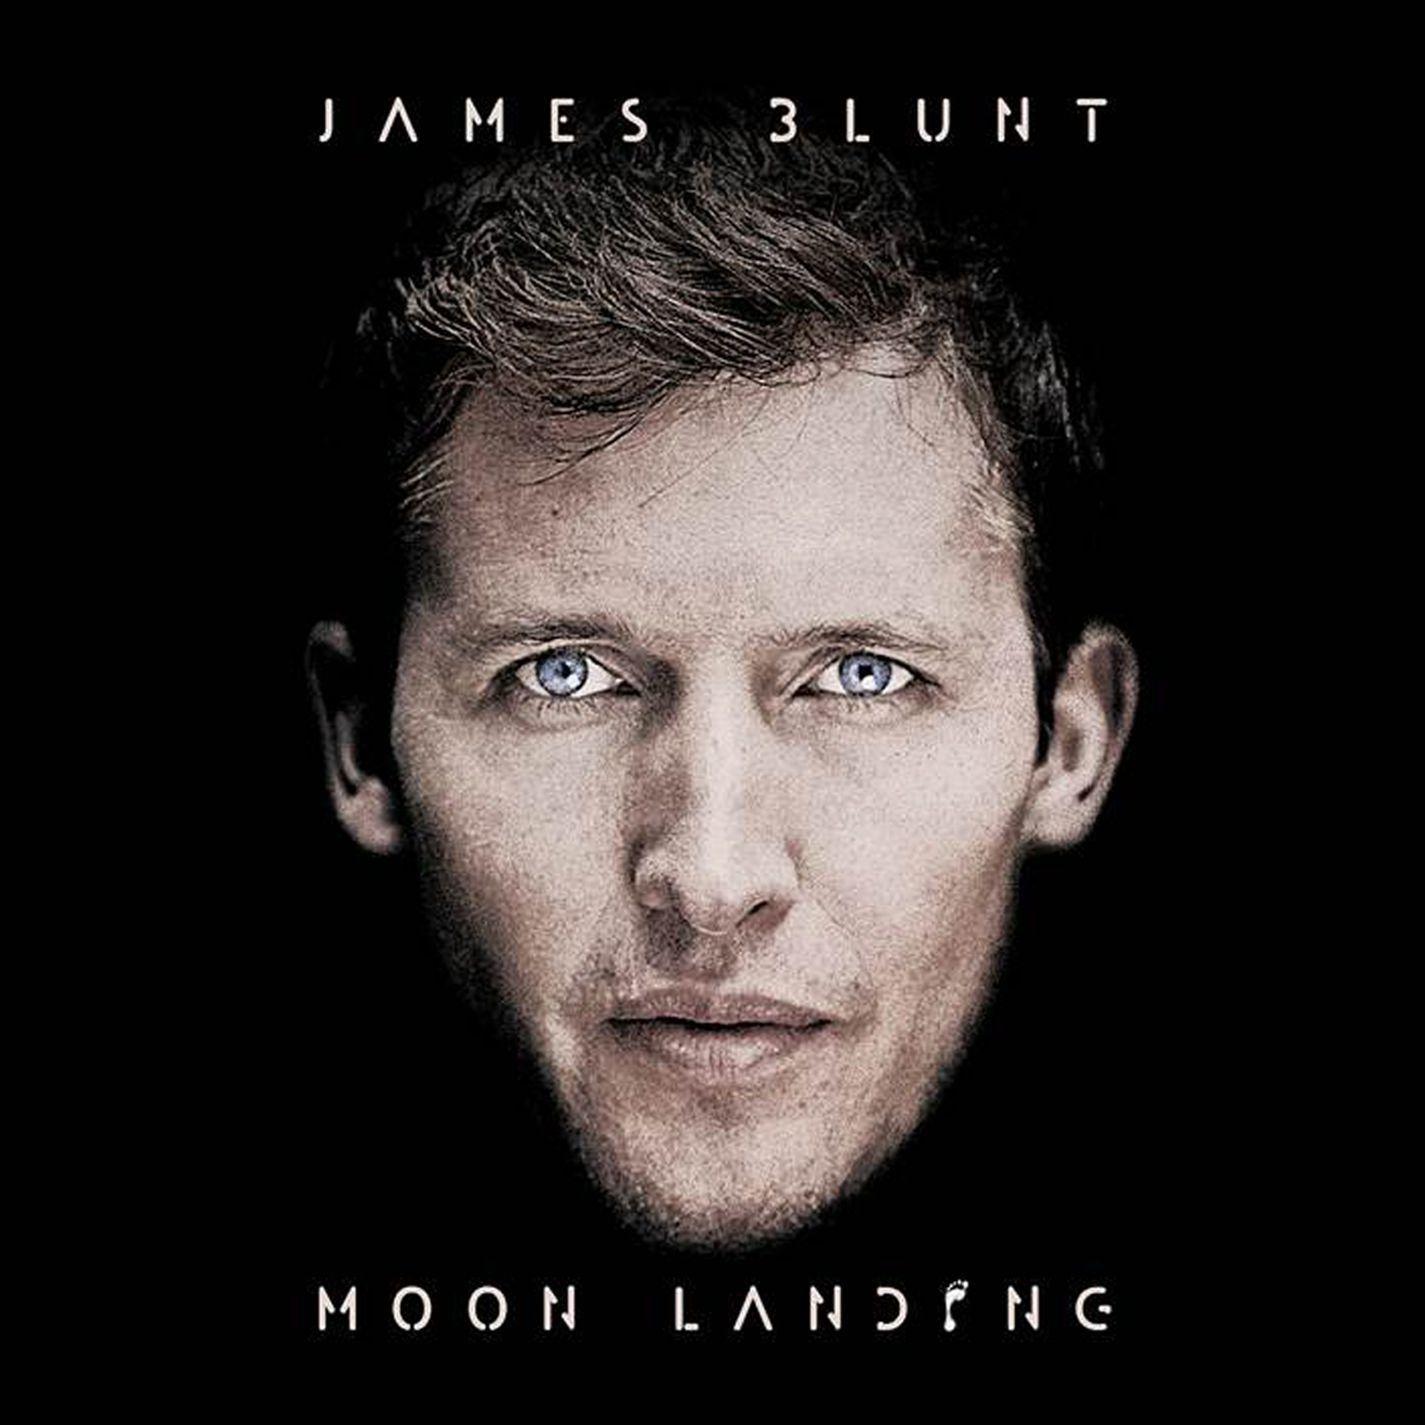 James Blunt - Moon Landing album cover